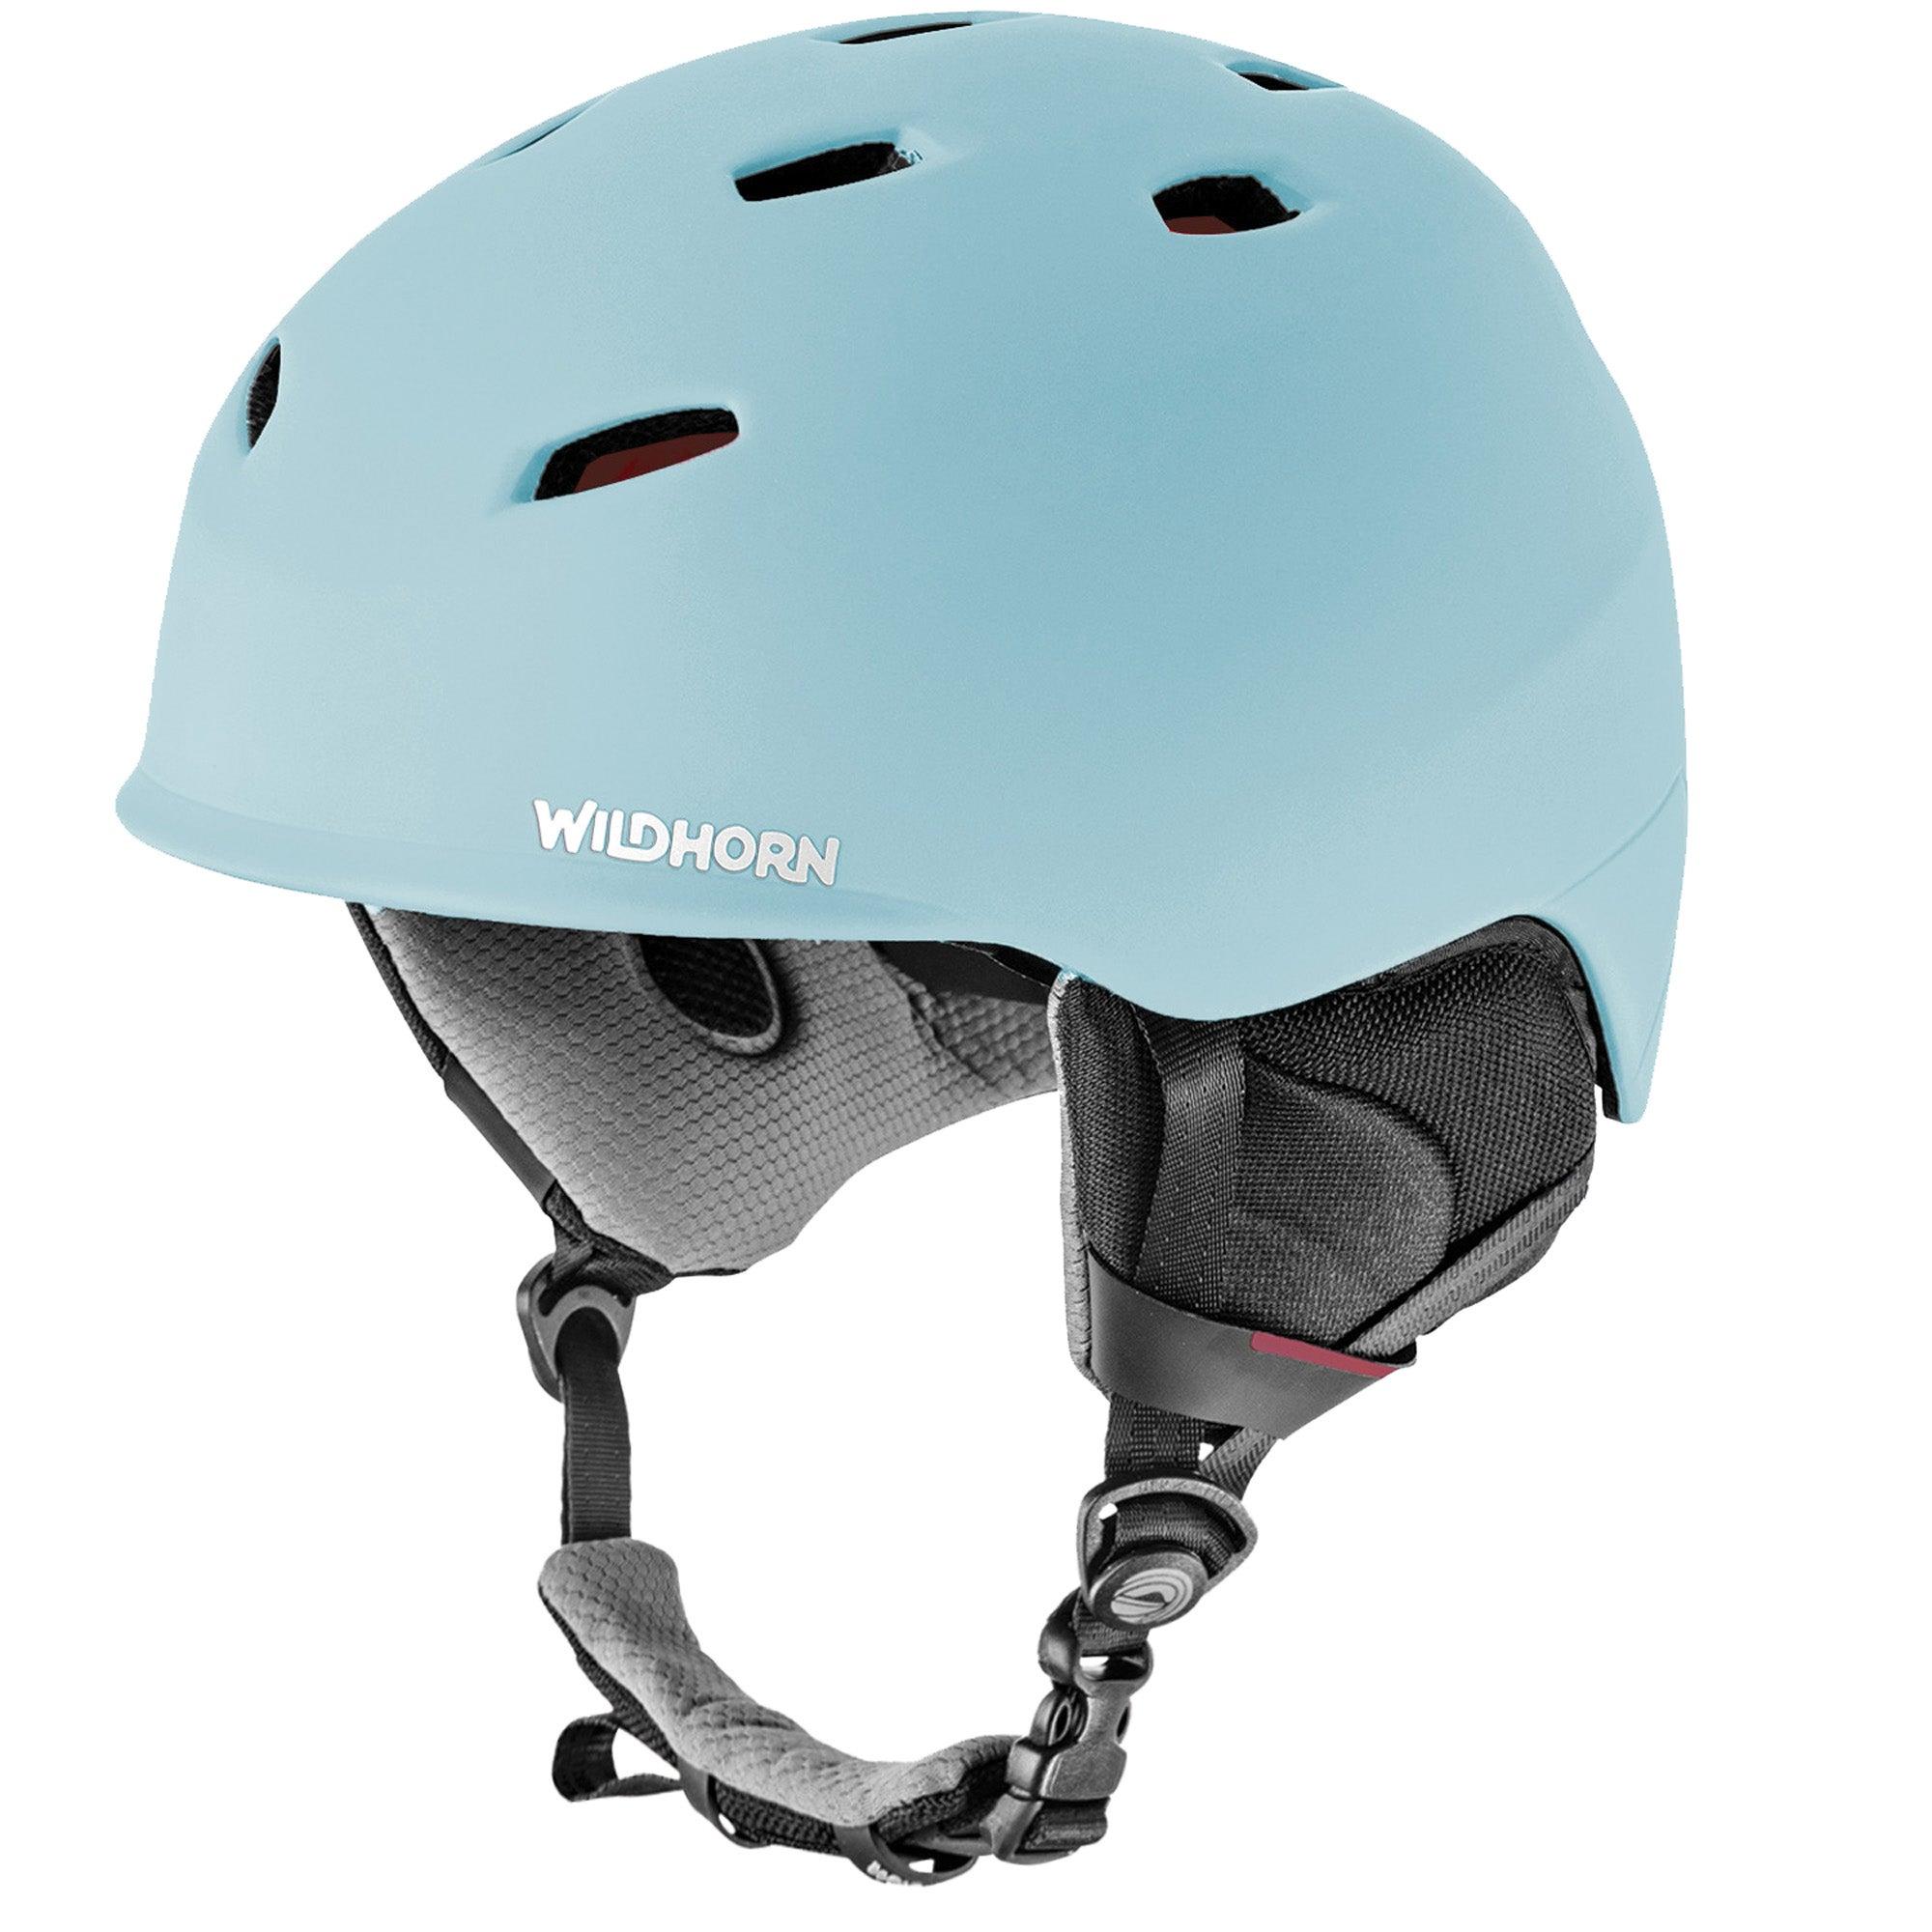 Wildhorn Drift Helmet